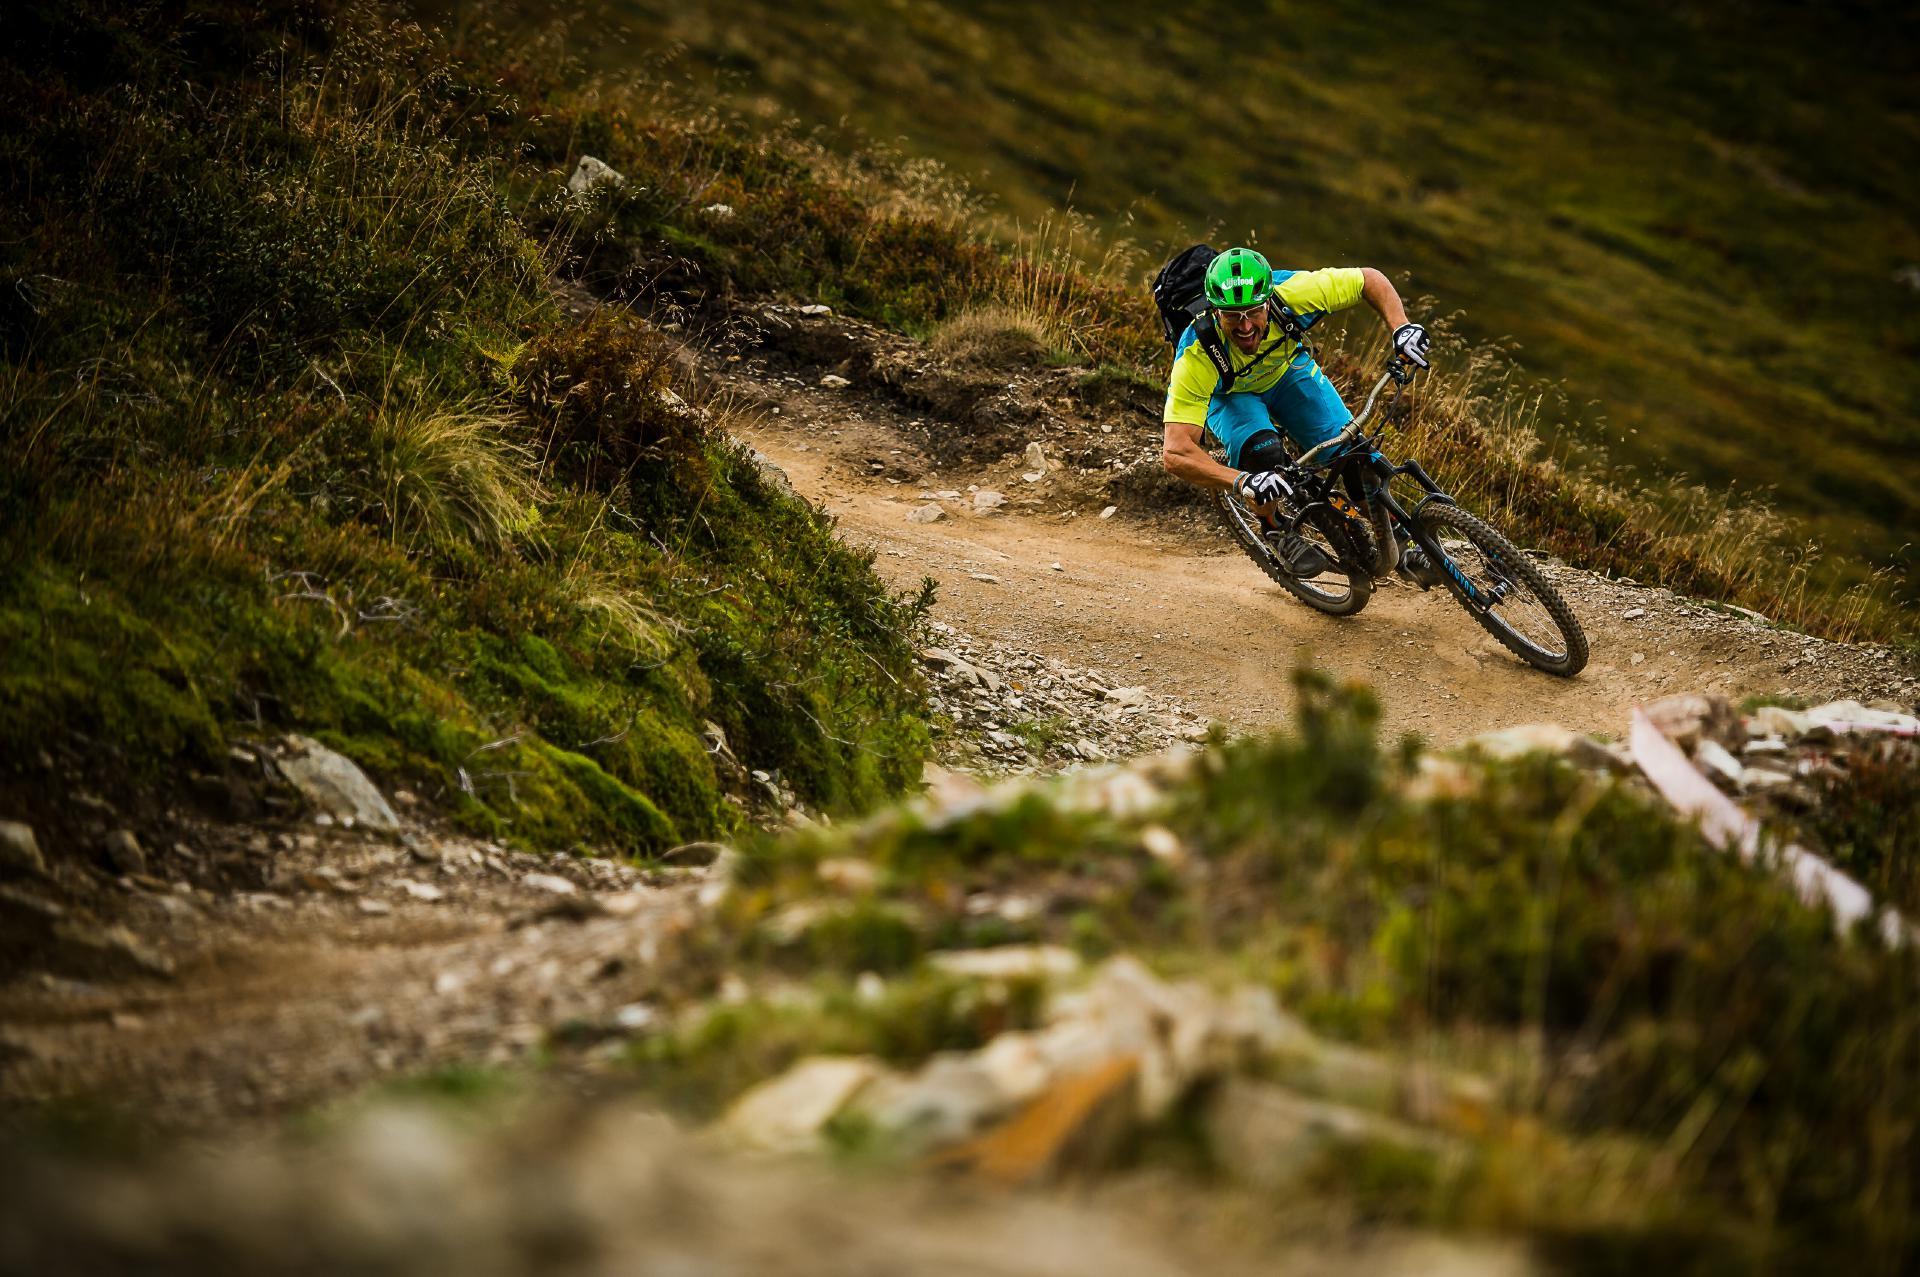 Österreichs Bike-Region Nr. 1: Saalbach Hinterglemm ist für seine abwechslungsreichen Trails und sein breit ausgebautes Wegenetz bekannt.